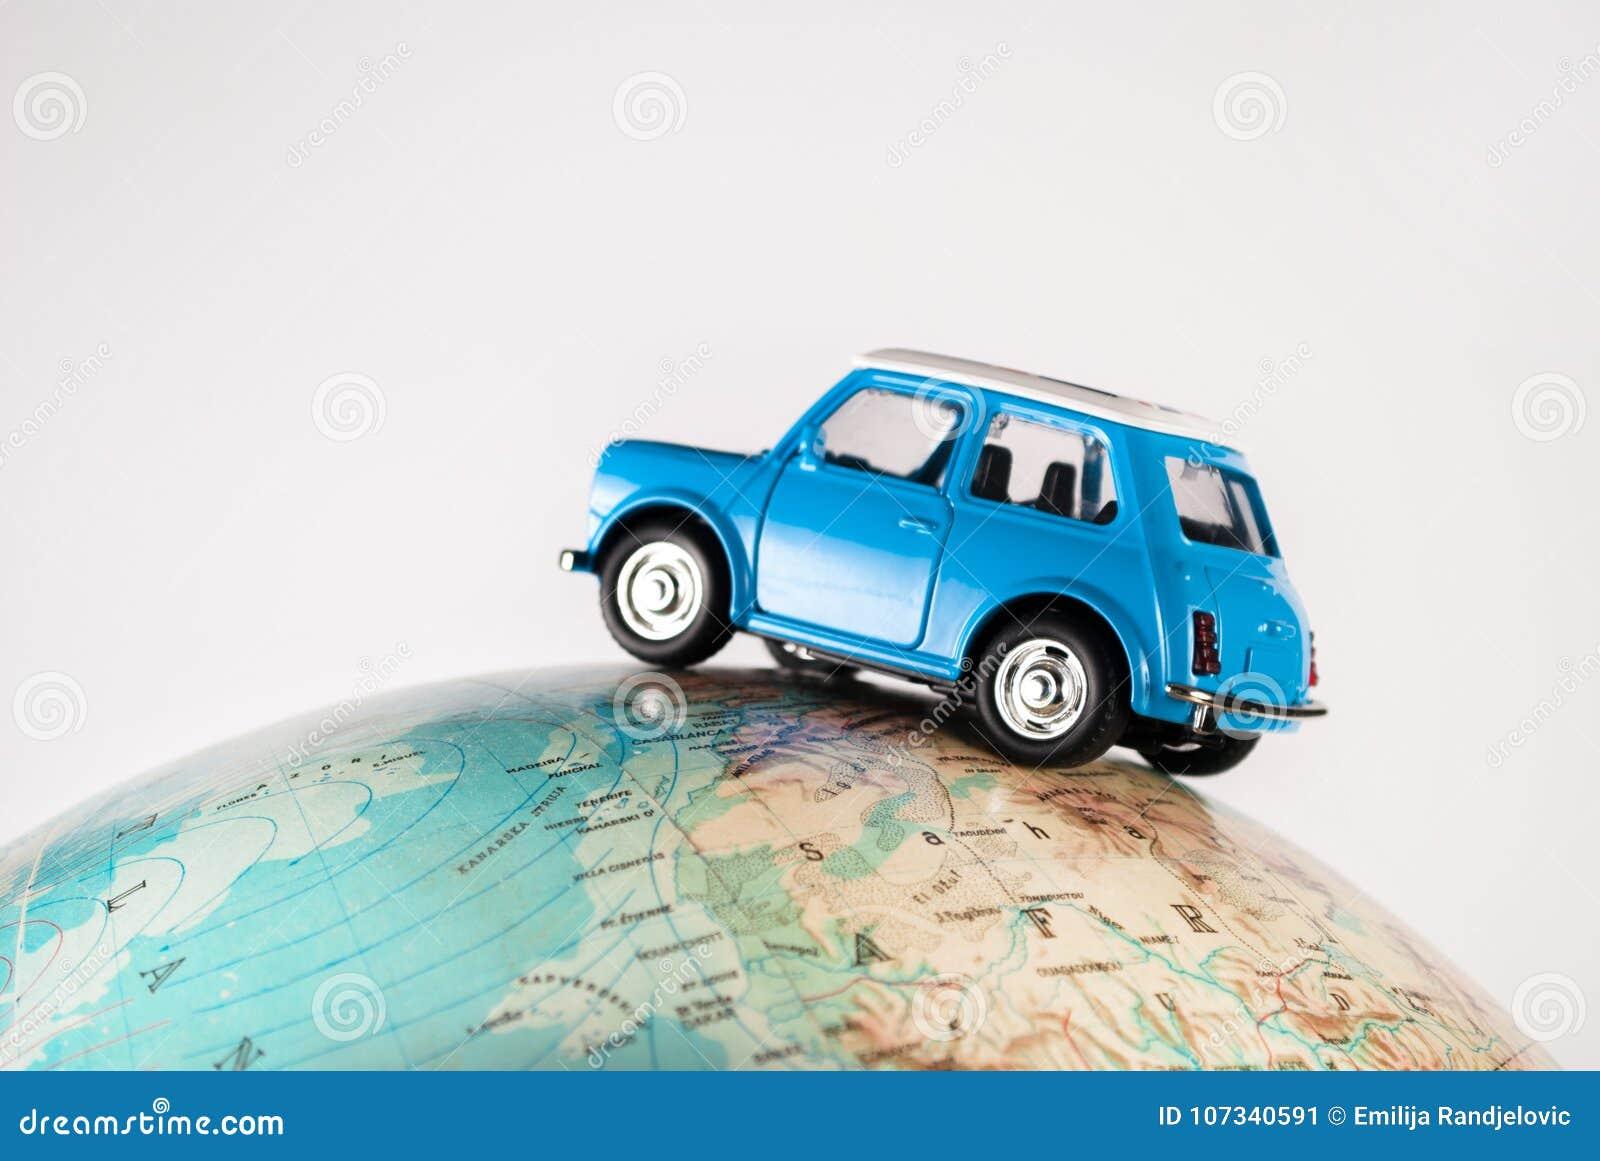 NIS, SERBIA - 8 de enero de 2018 figura miniatura coche Mini Morris del juguete en el globo geográfico de la tierra en el fondo b